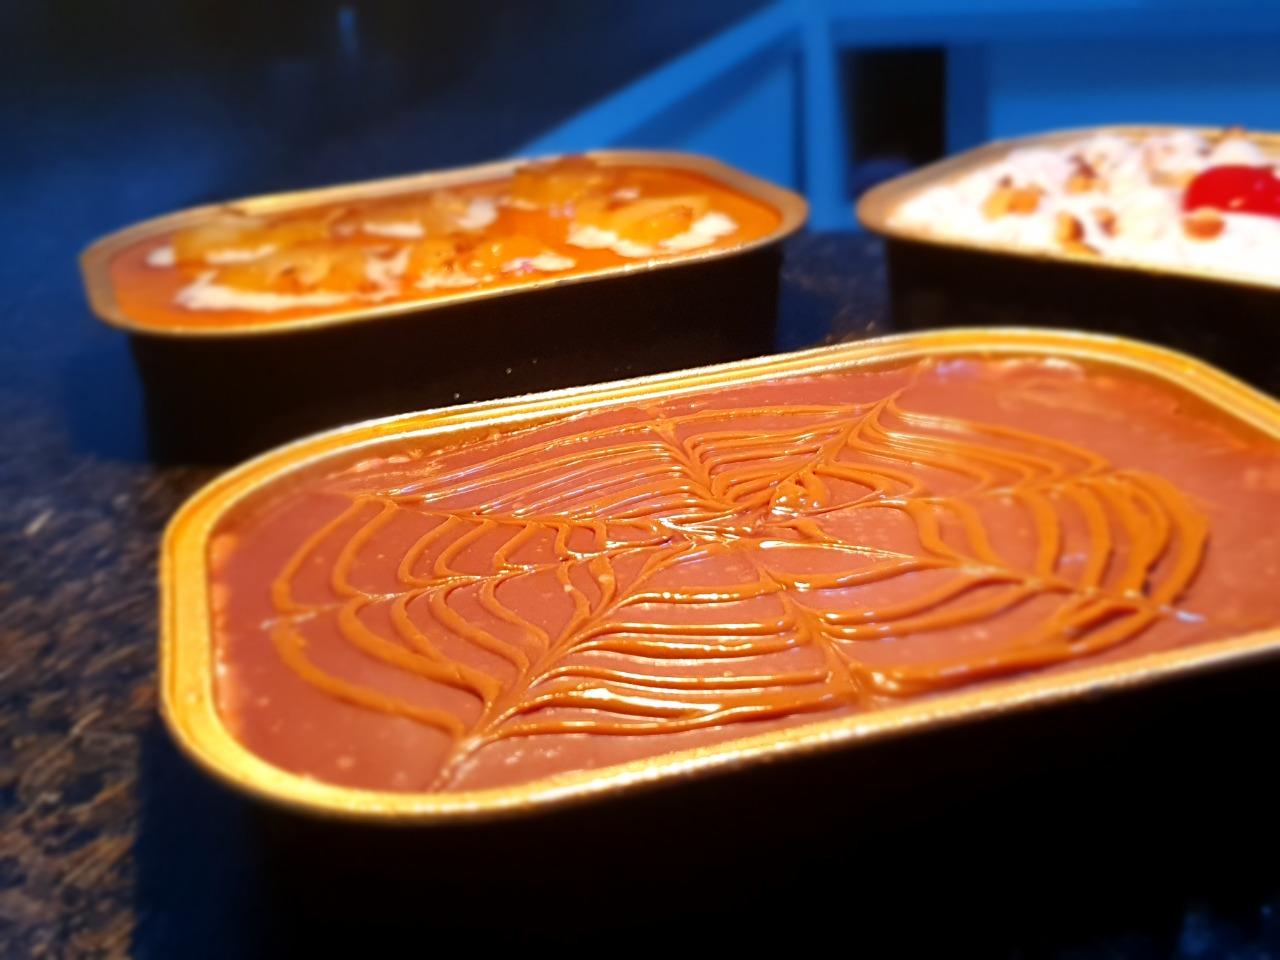 A Torta Alfajor fica pronta em apenas 15 segundo no micro-ondas. Foto: Divulgação/Terrazza 40